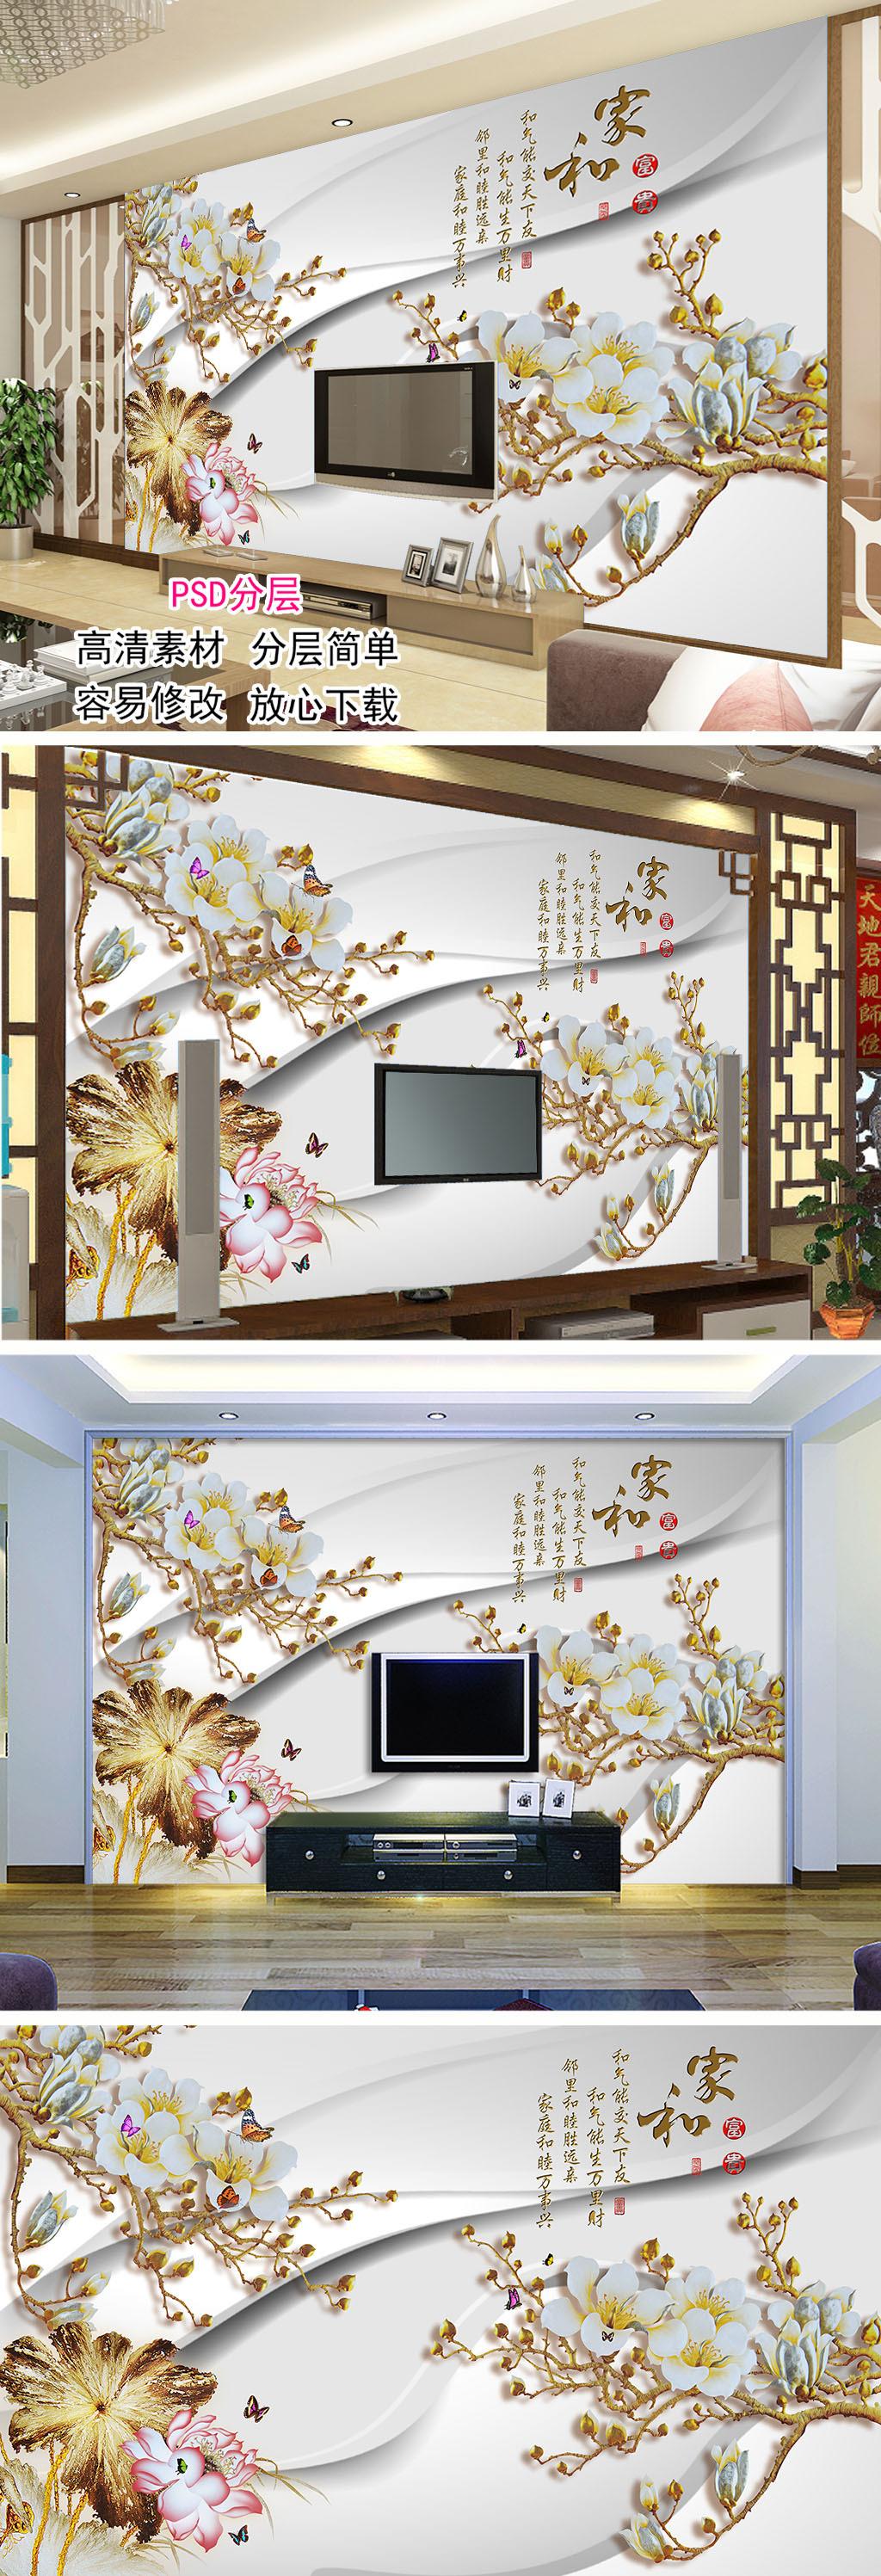 玉雕电视背景墙 浮雕白玉兰 3d 3d电视背景墙 家和富贵 浮雕家和富贵